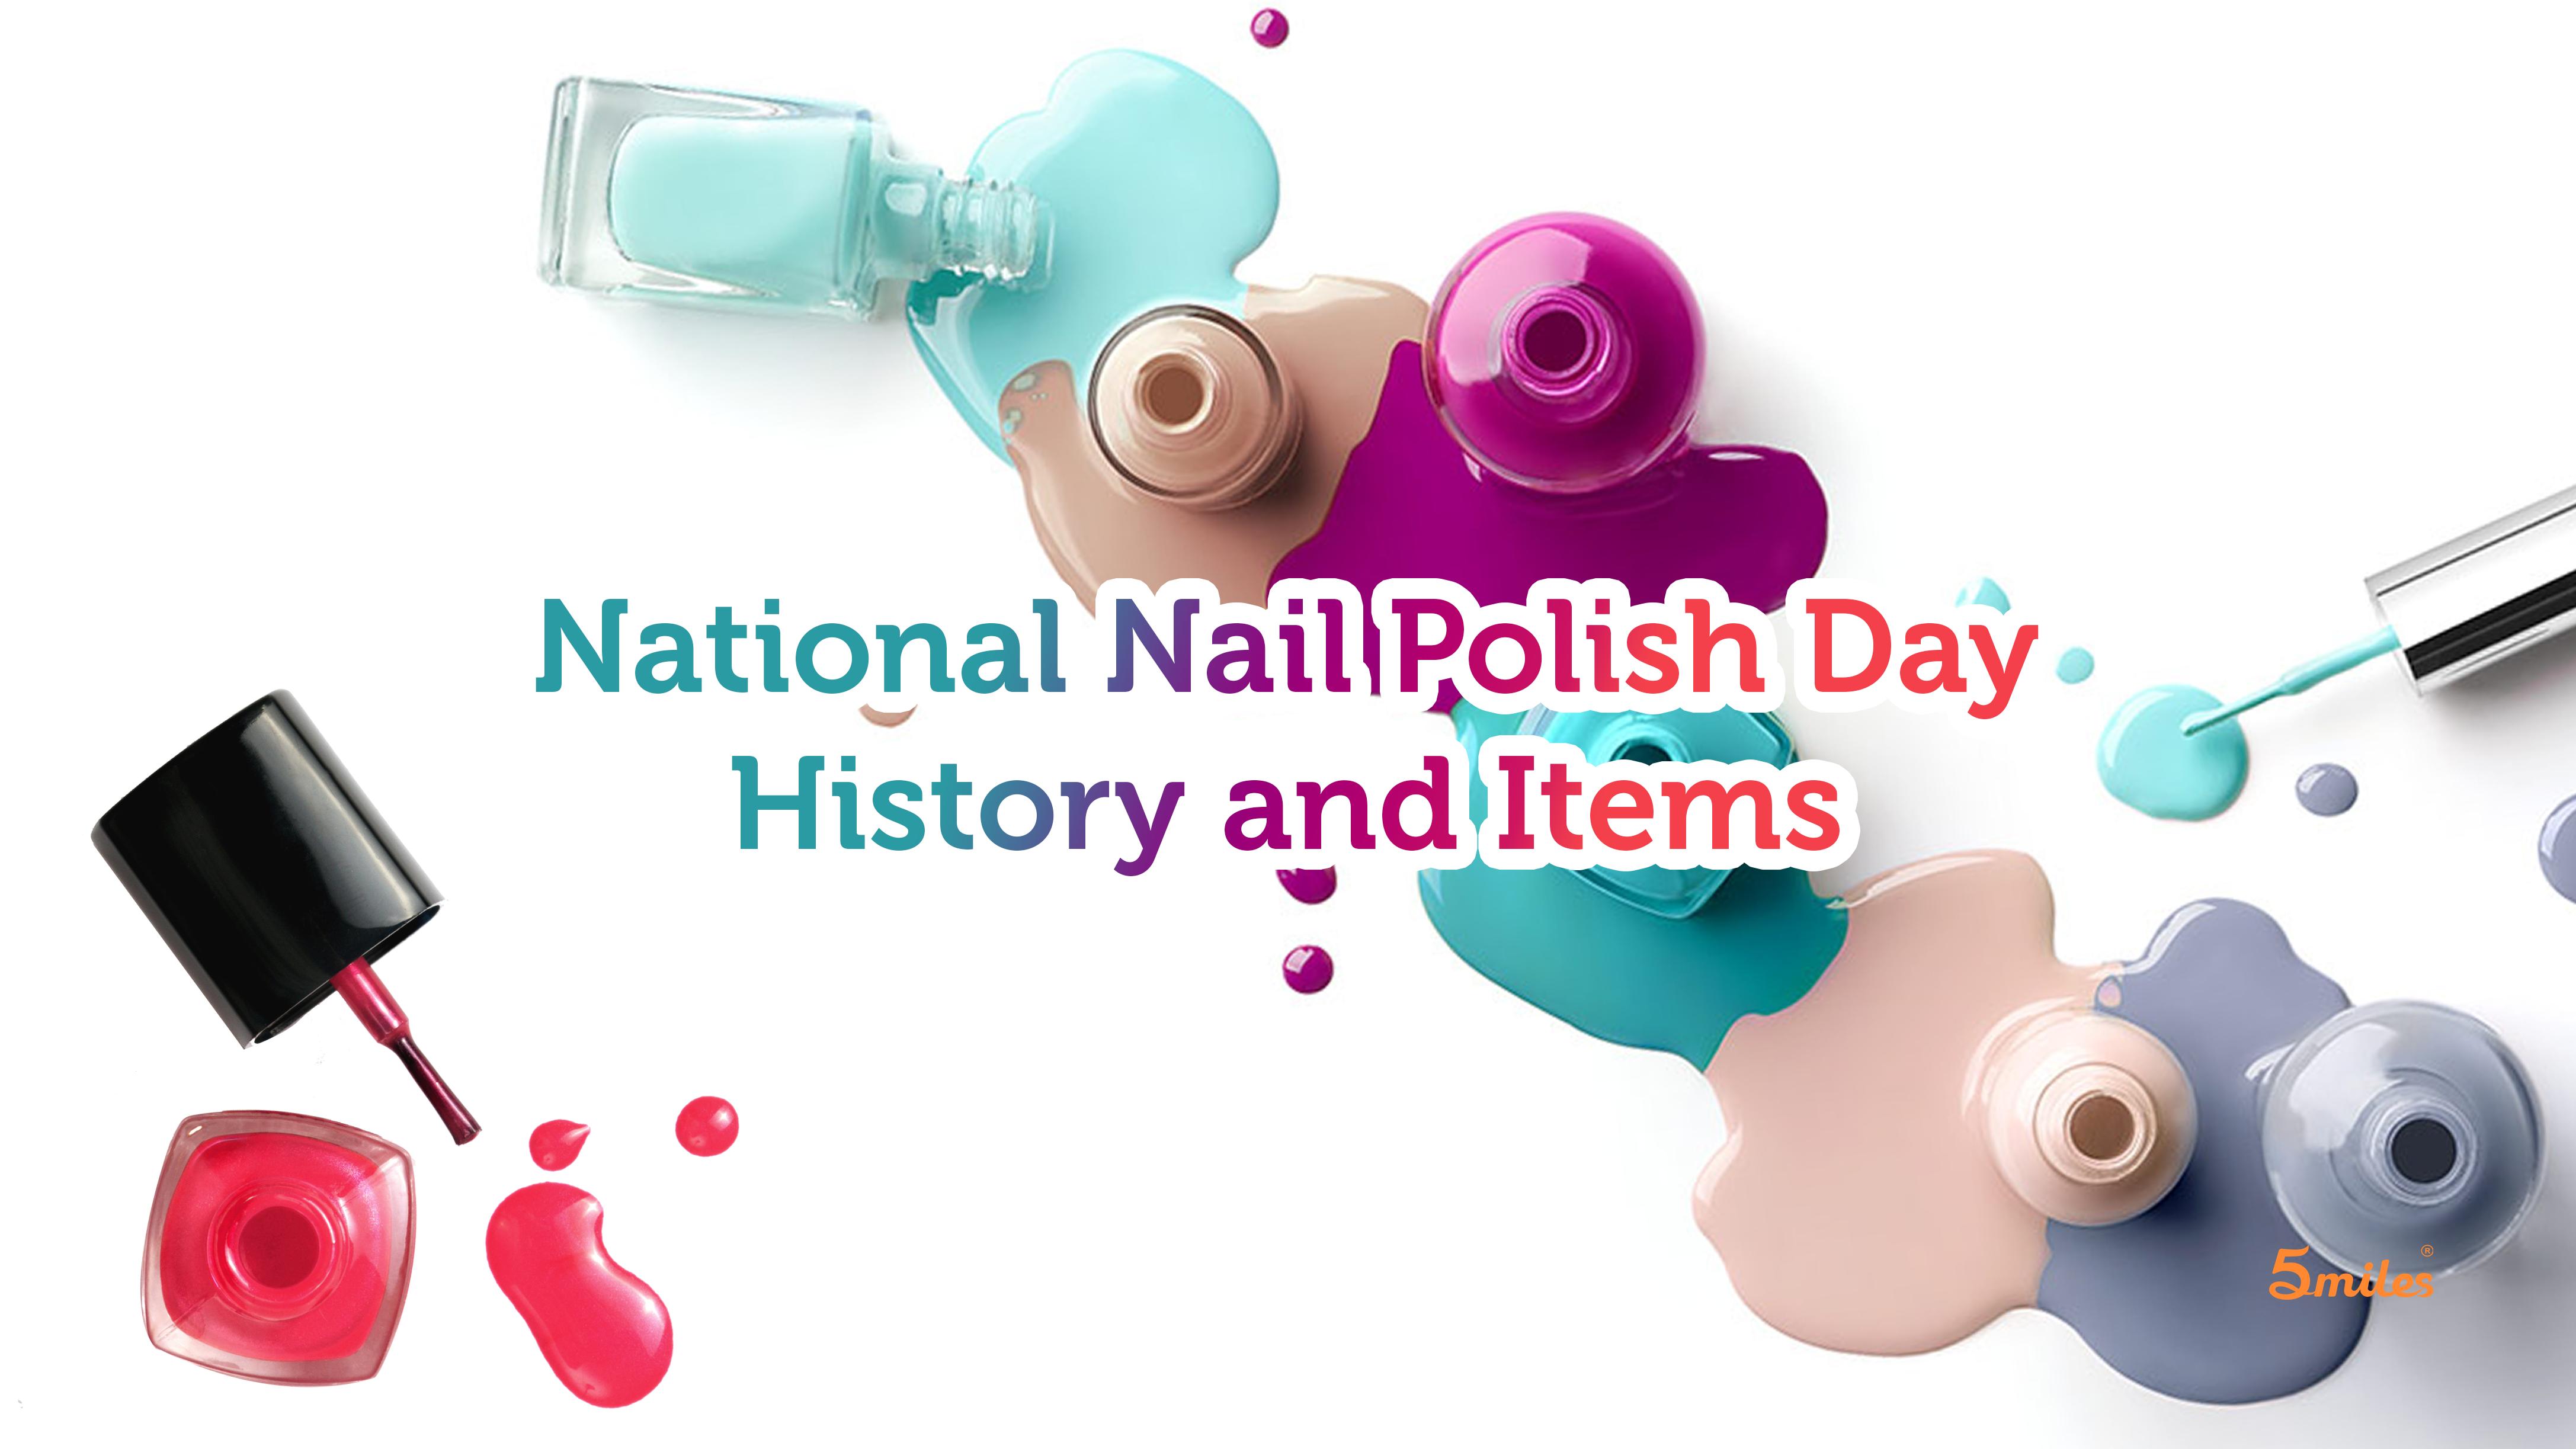 National Nail Polish Day History and Items - 5miles